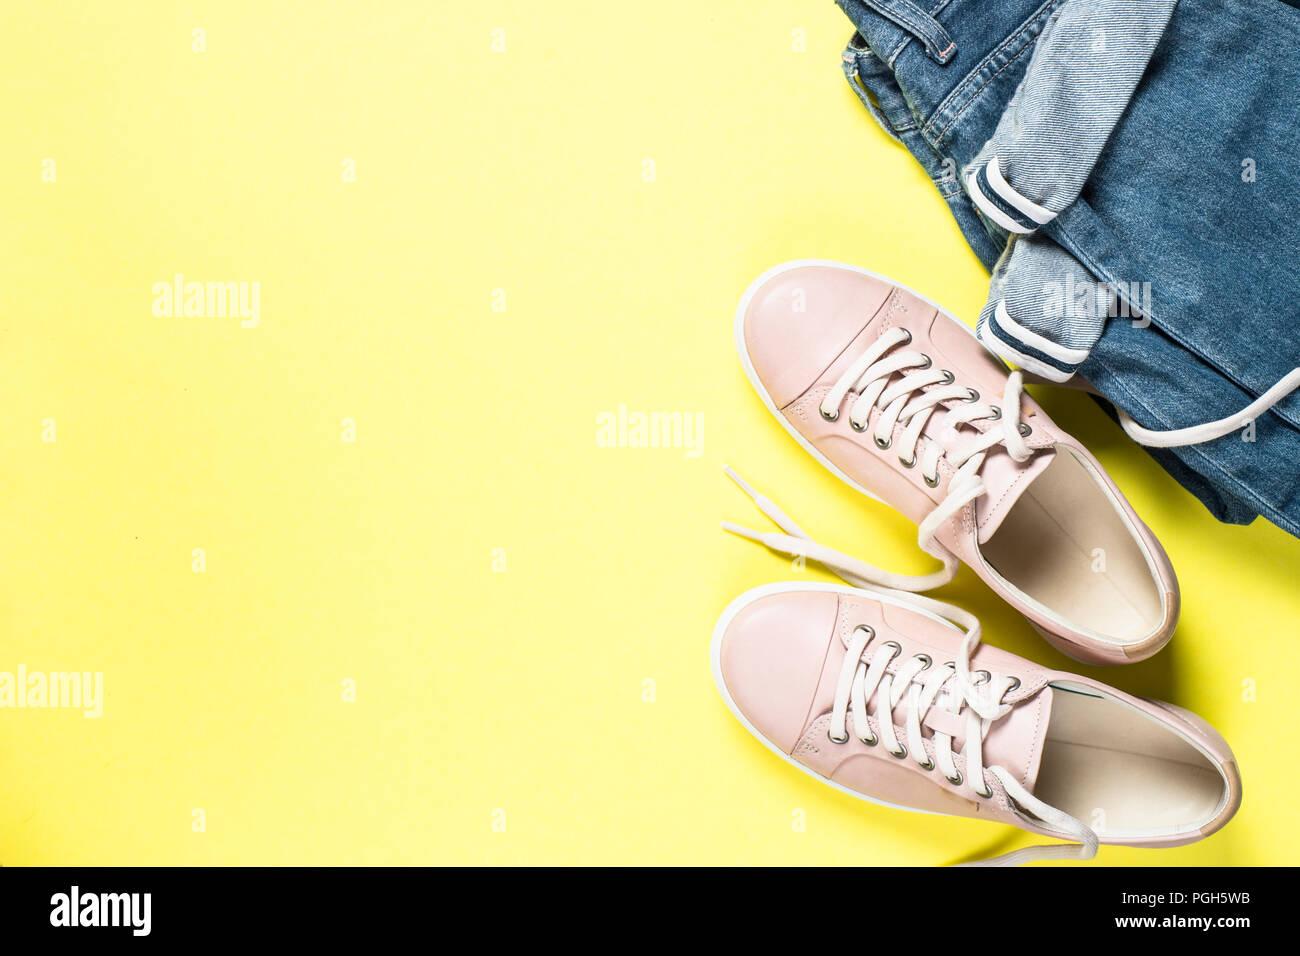 Scarpe Moda Rosa Jeans Sulla E Donna Gialla Parte Vista